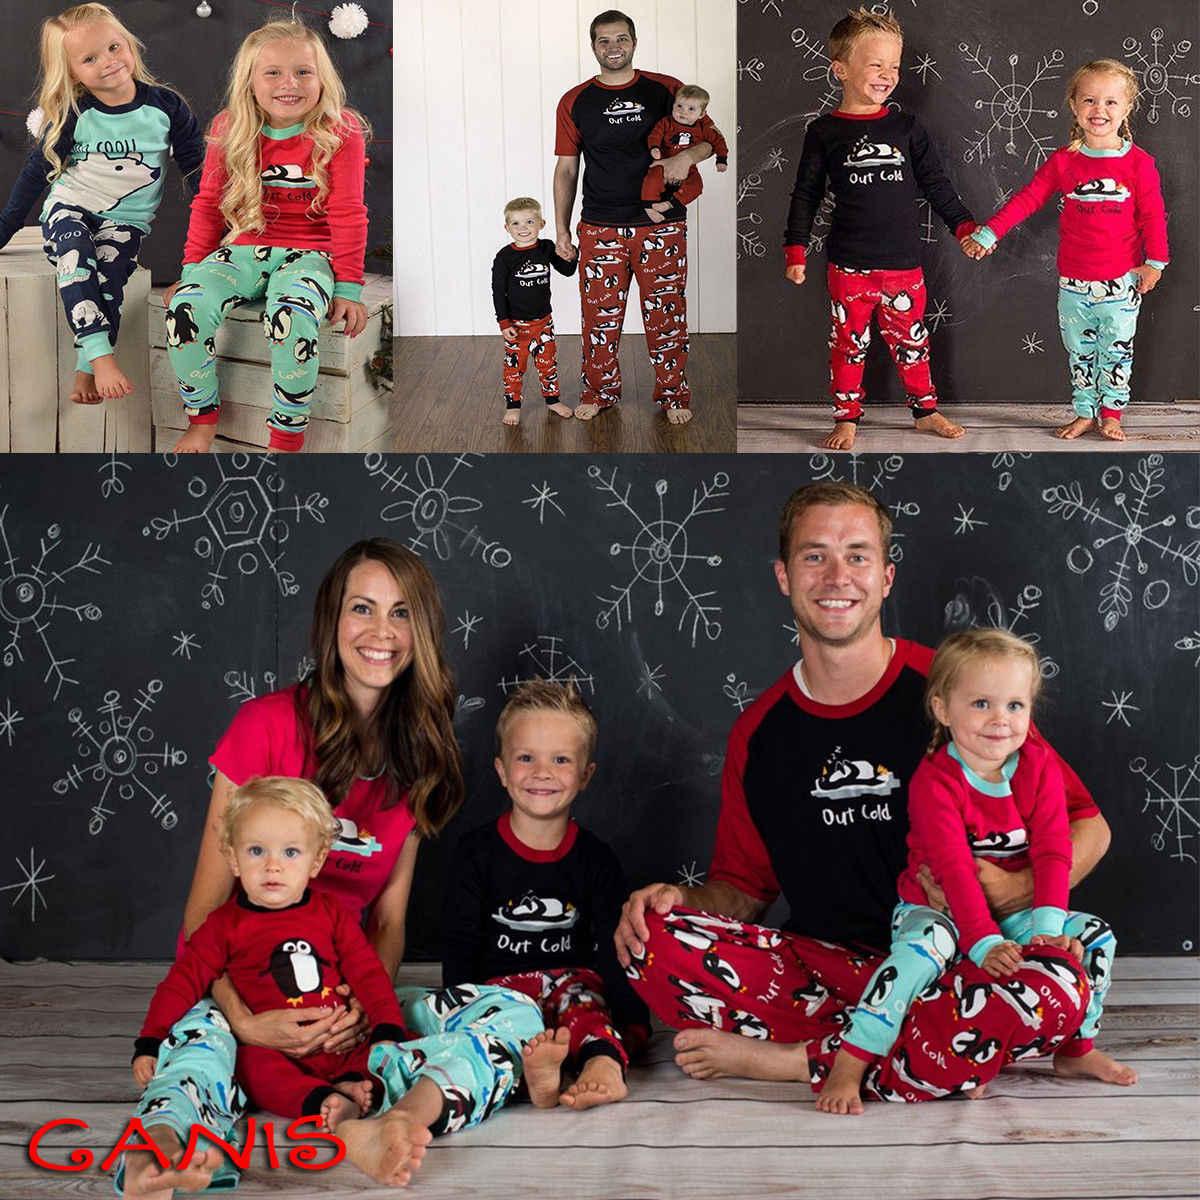 New Family Matching Women Kids Christmas Pyjamas Xmas Nightwear Pajamas PJs  Sets Cute Penguin Outfits 213252480